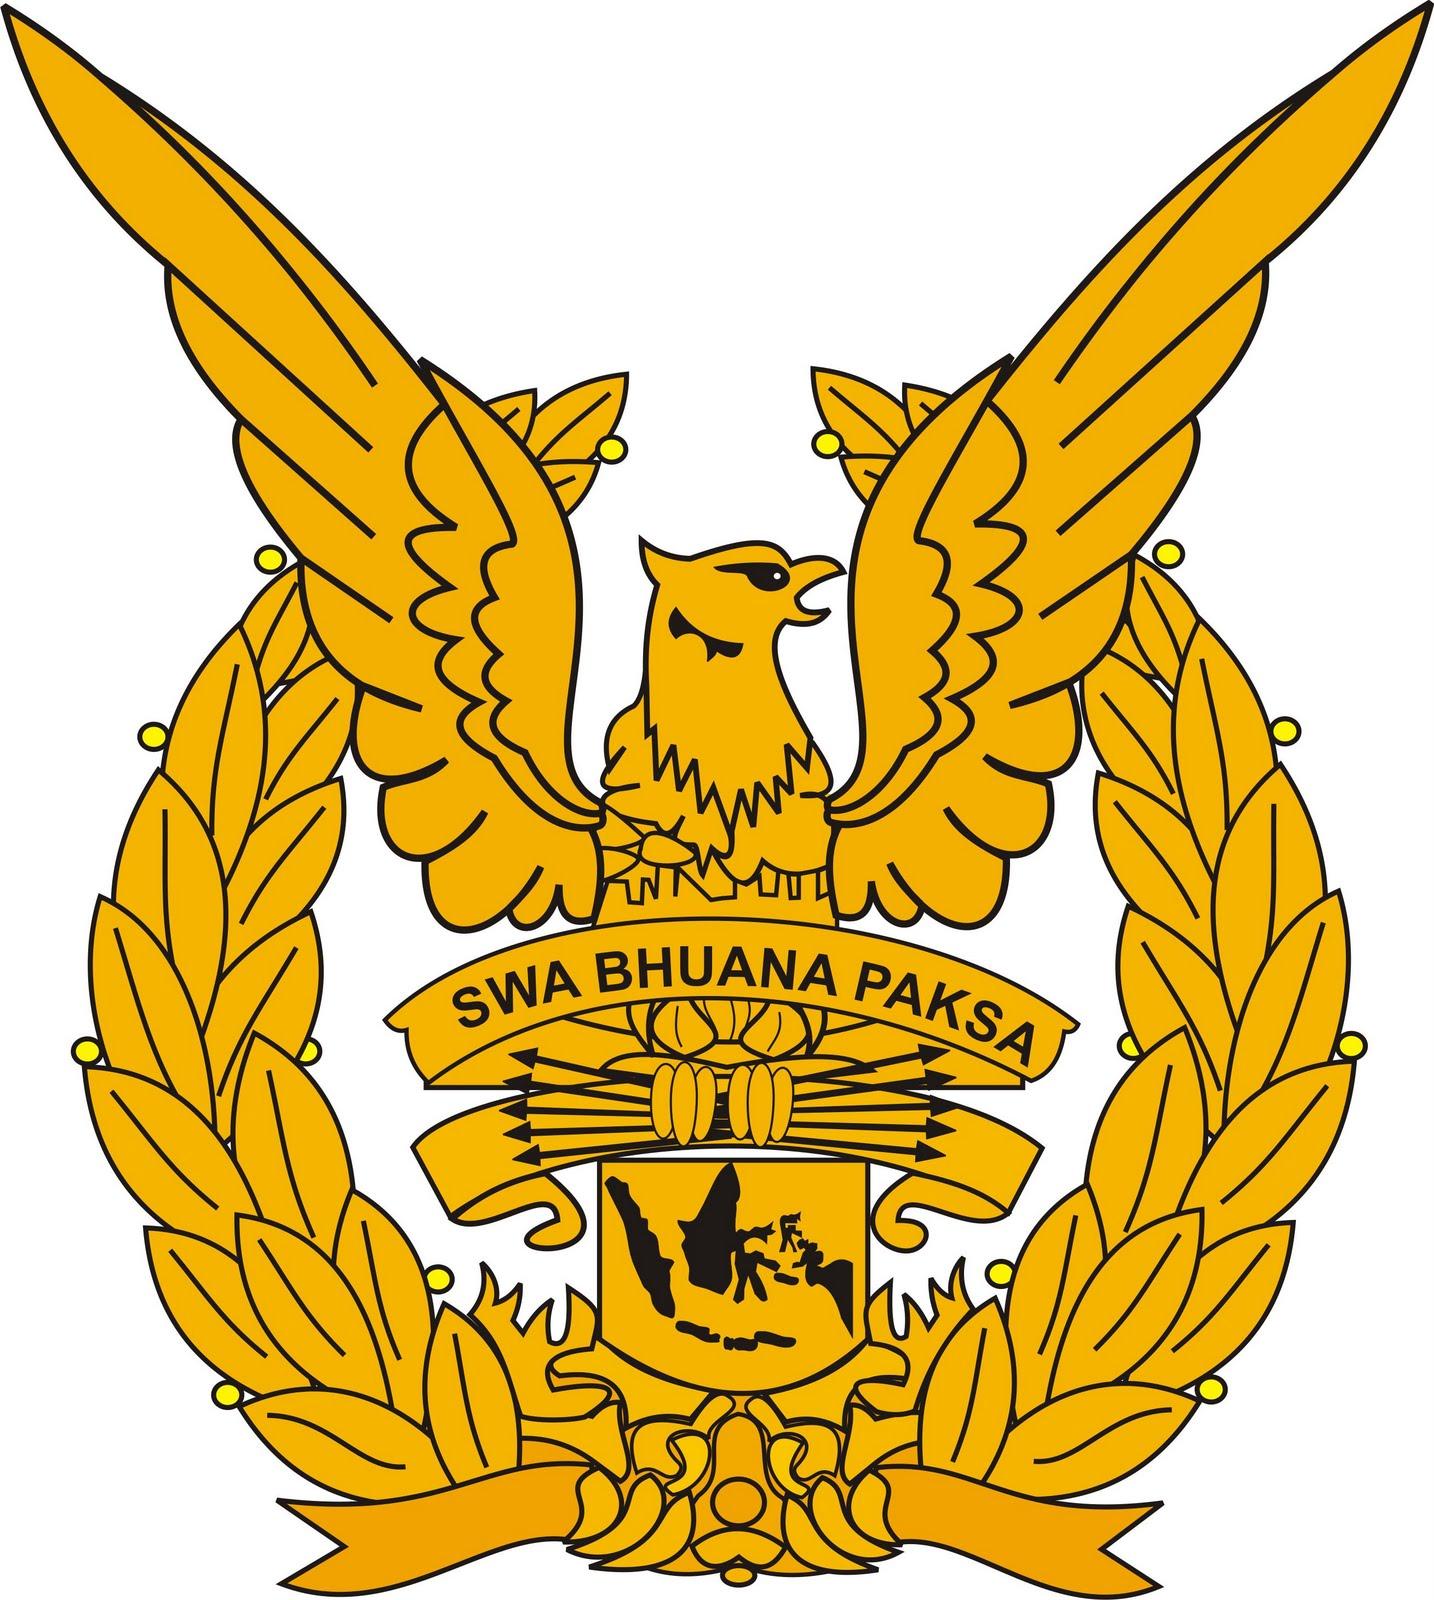 Logo TNI Angkatan Darat (AD), Angkatan Udara (AU) dan Angkatan Laut ...